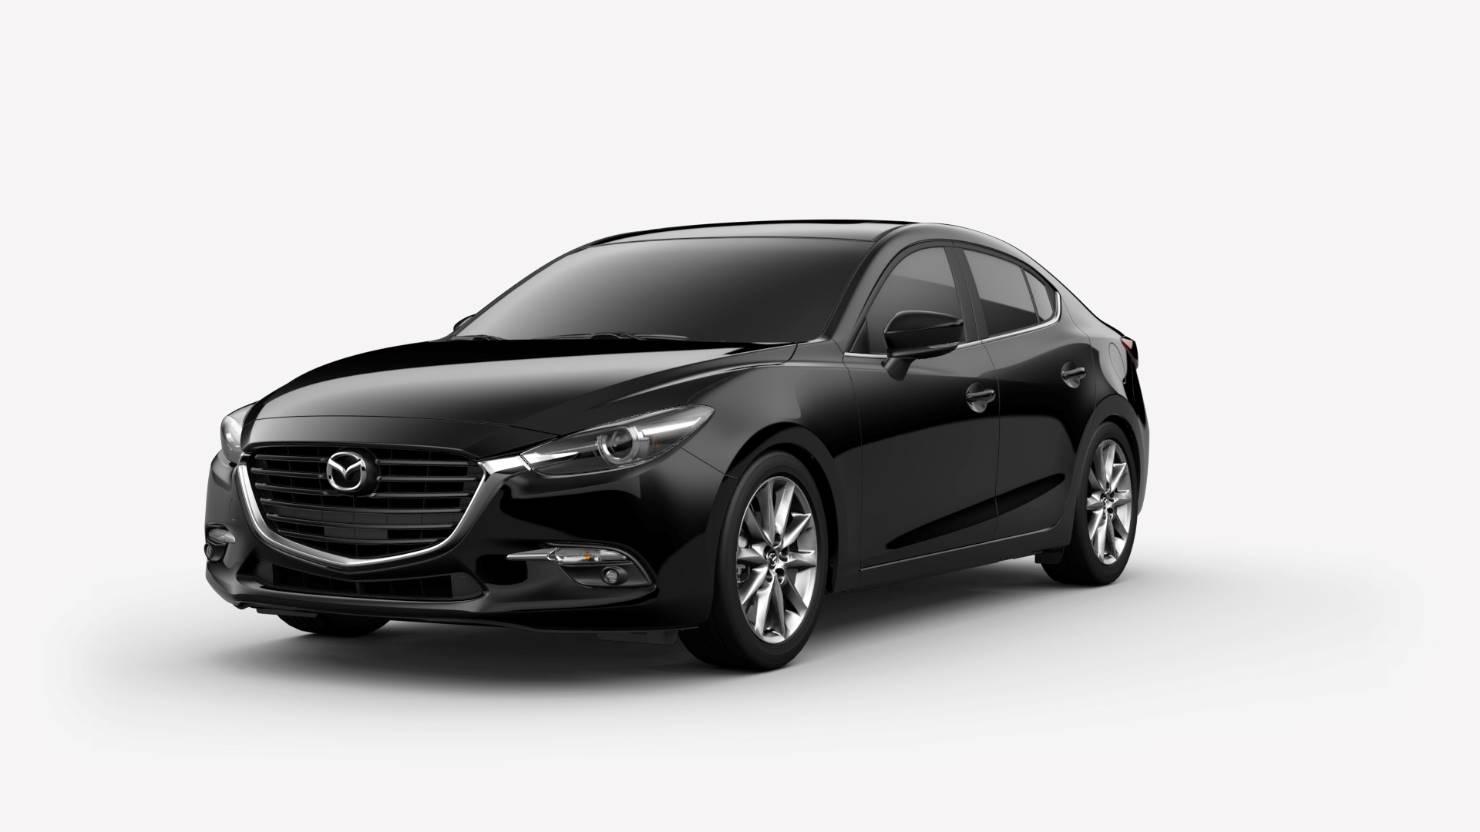 2018 Mazda3 Sedan, Jet Black